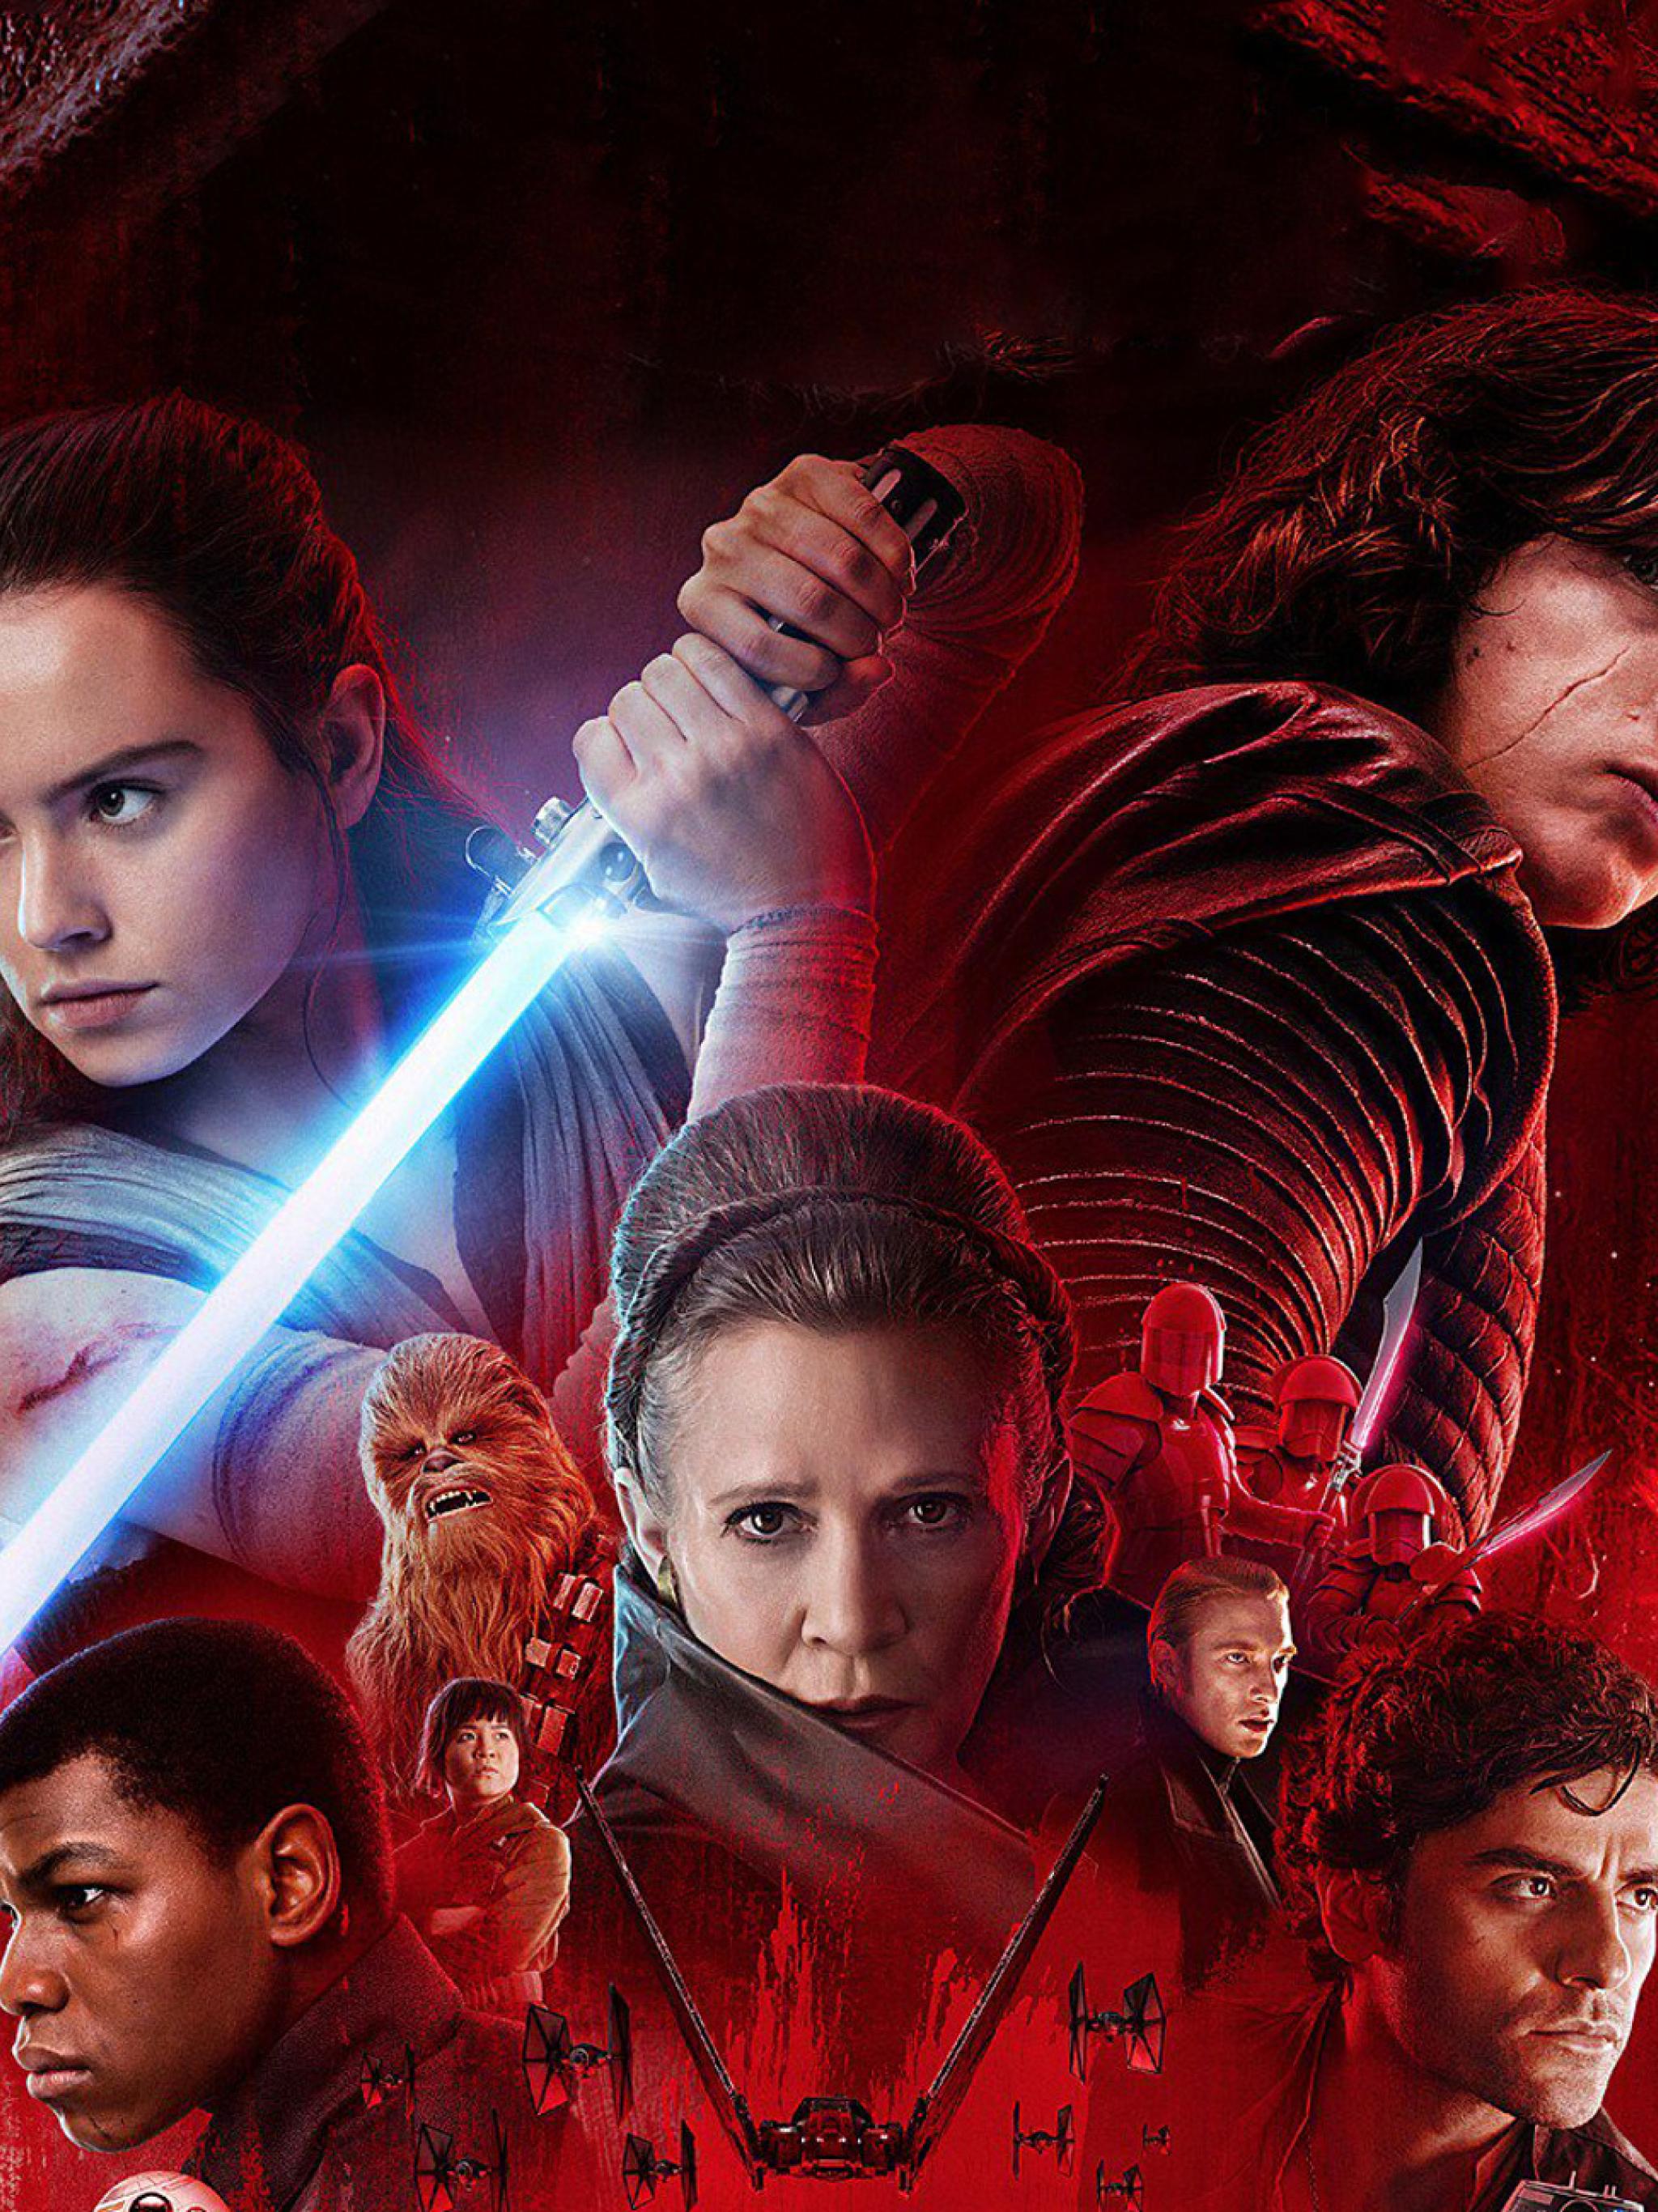 2048x2732 Star Wars The Last Jedi Poster 2048x2732 Resolution